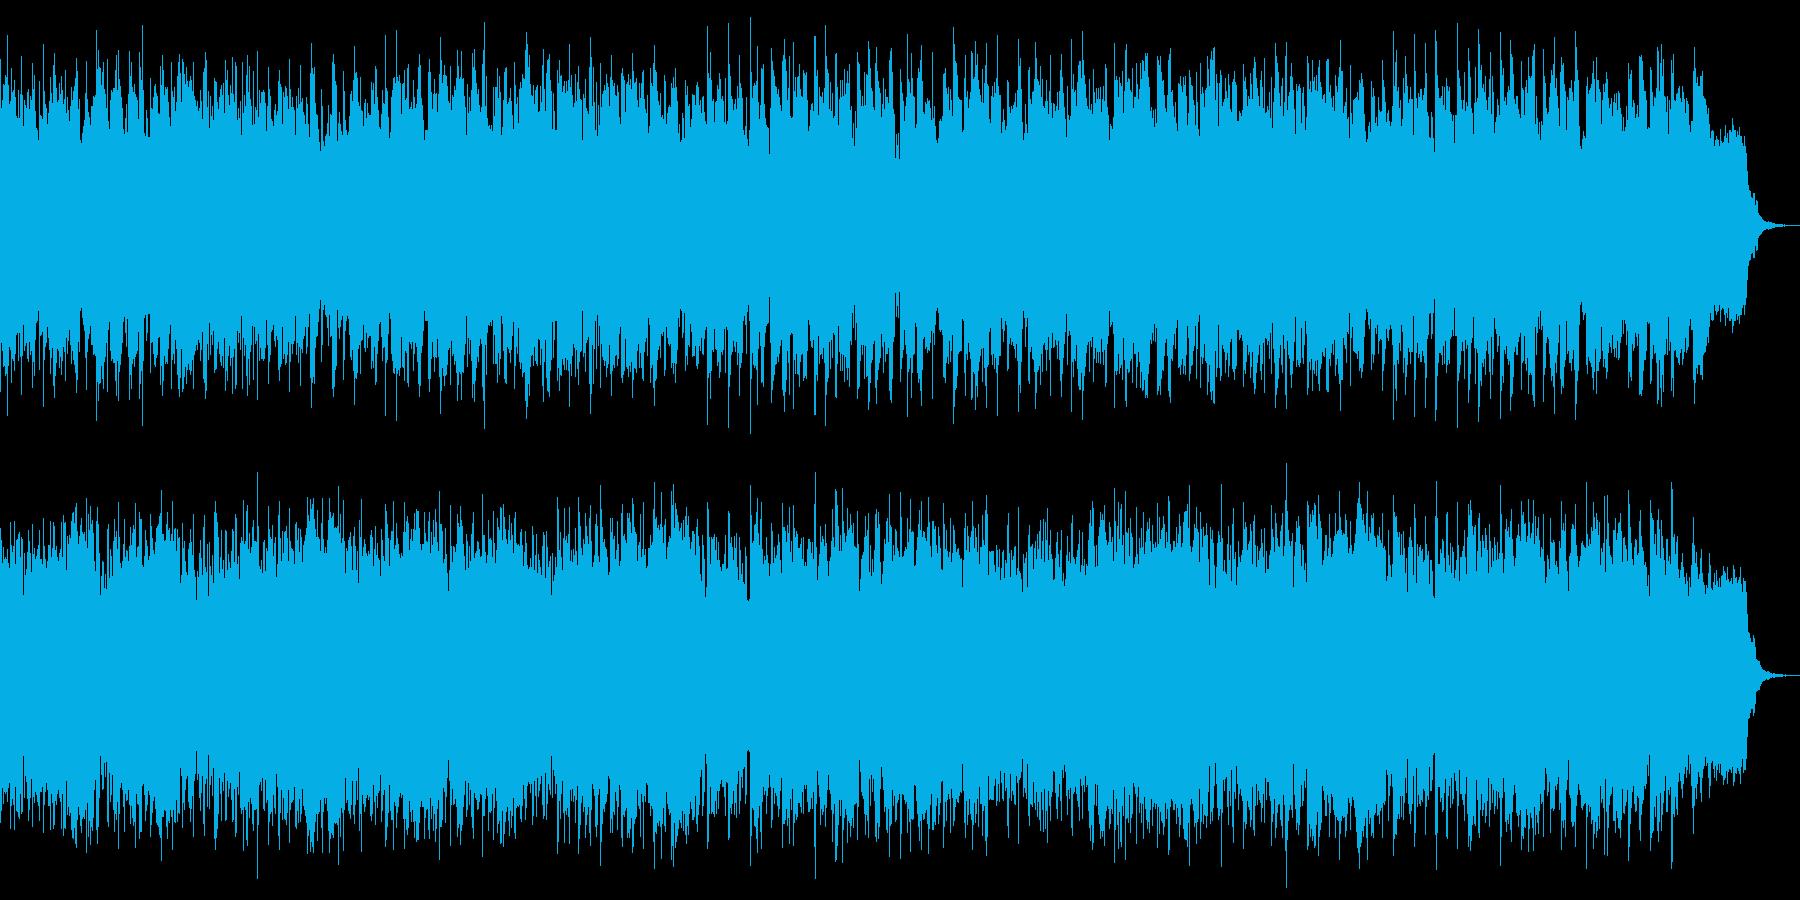 リズムもテンポも心が弾むようなピアノ曲の再生済みの波形